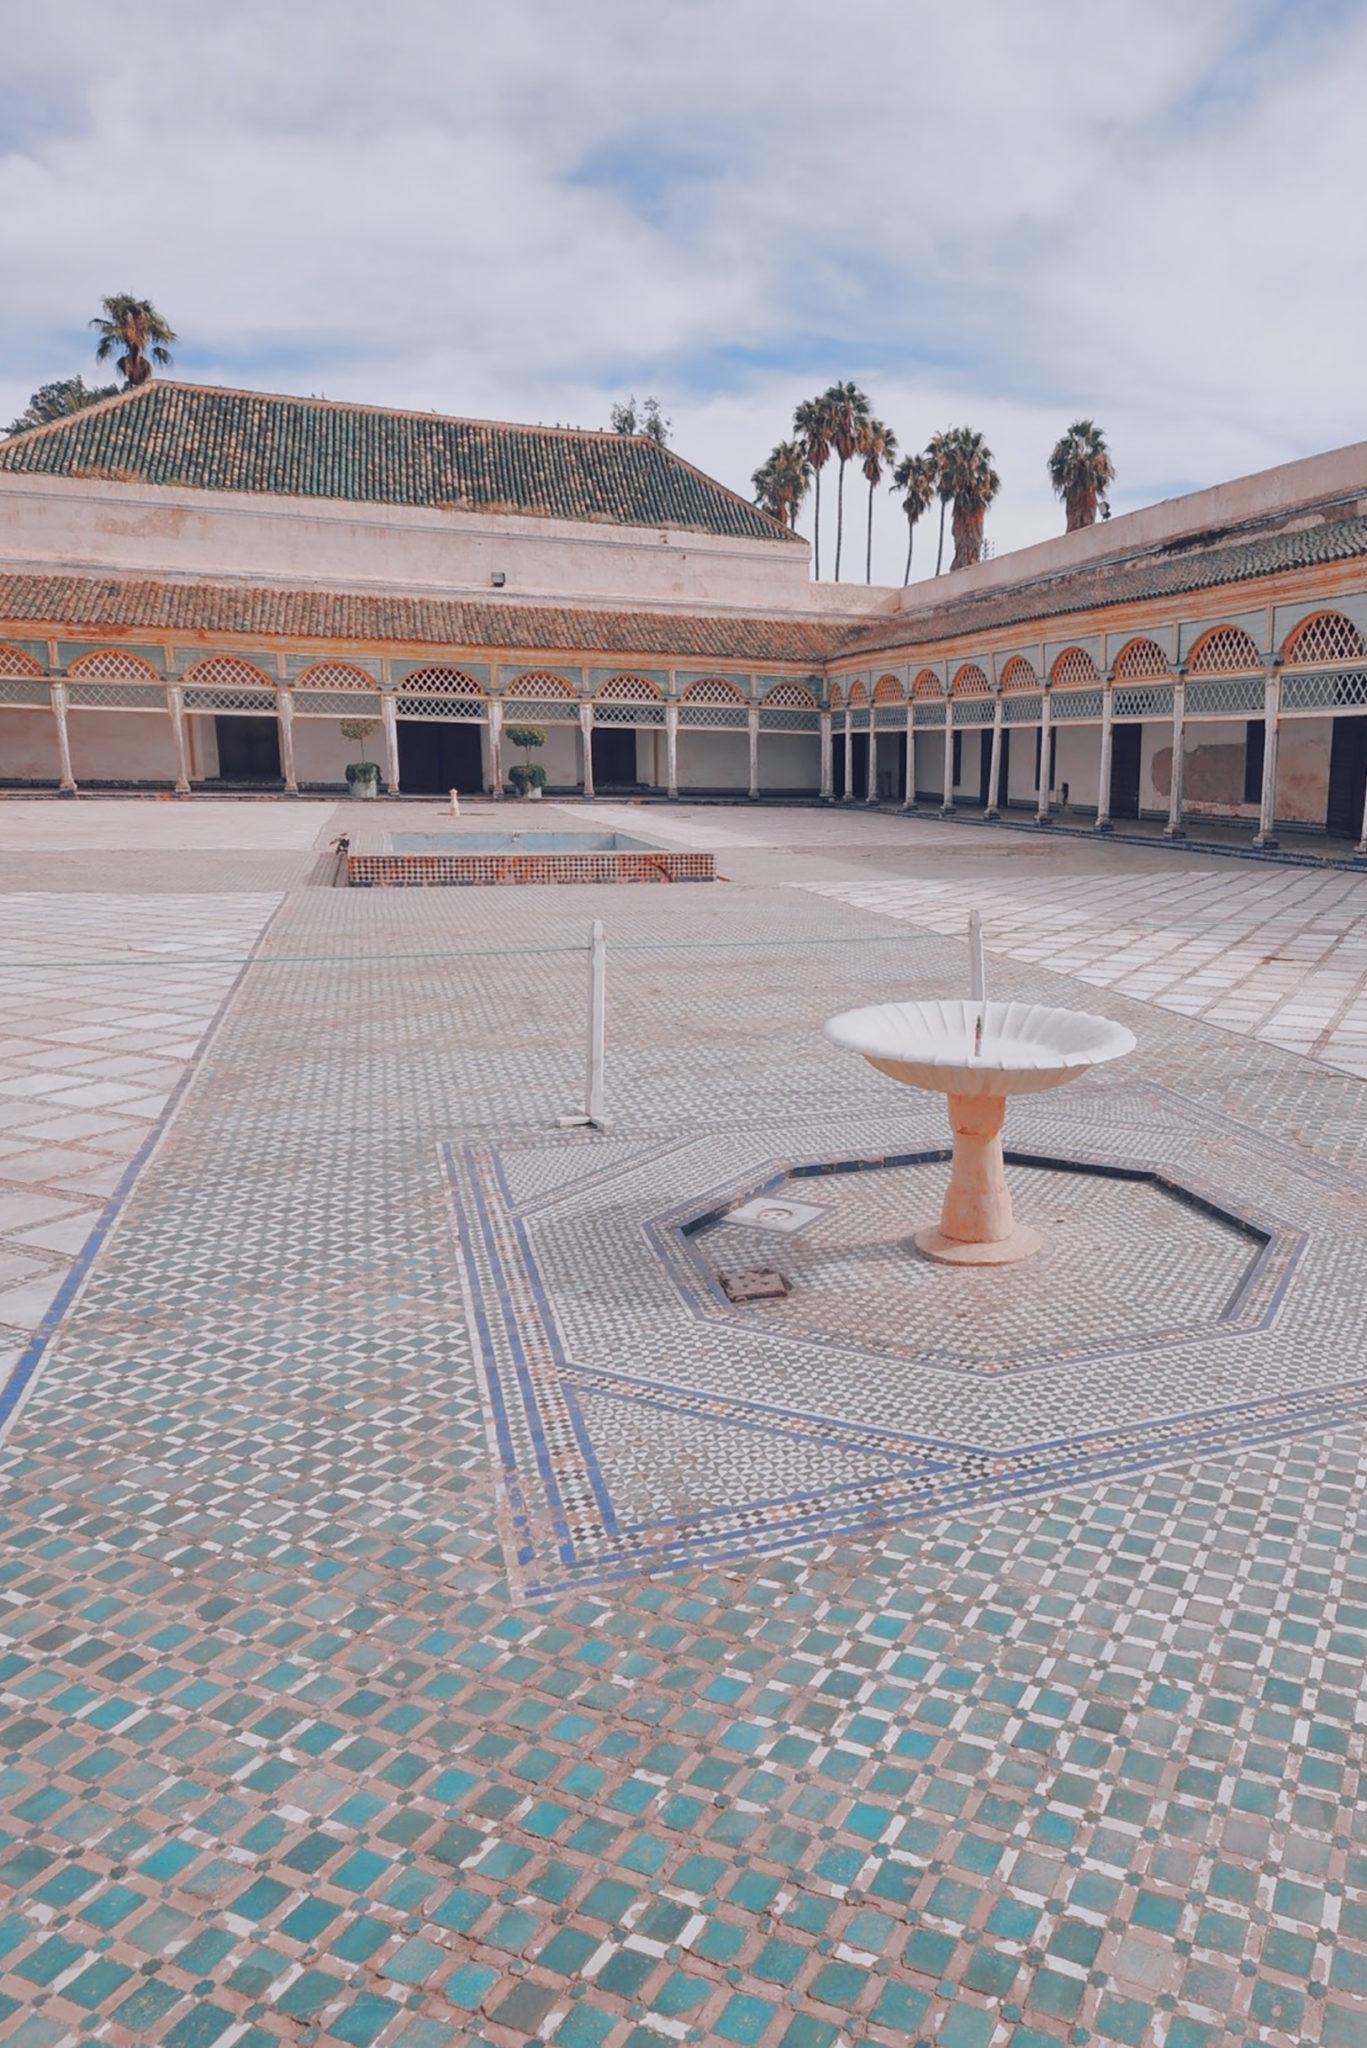 La cour intérieure du Palais et ses fontaines